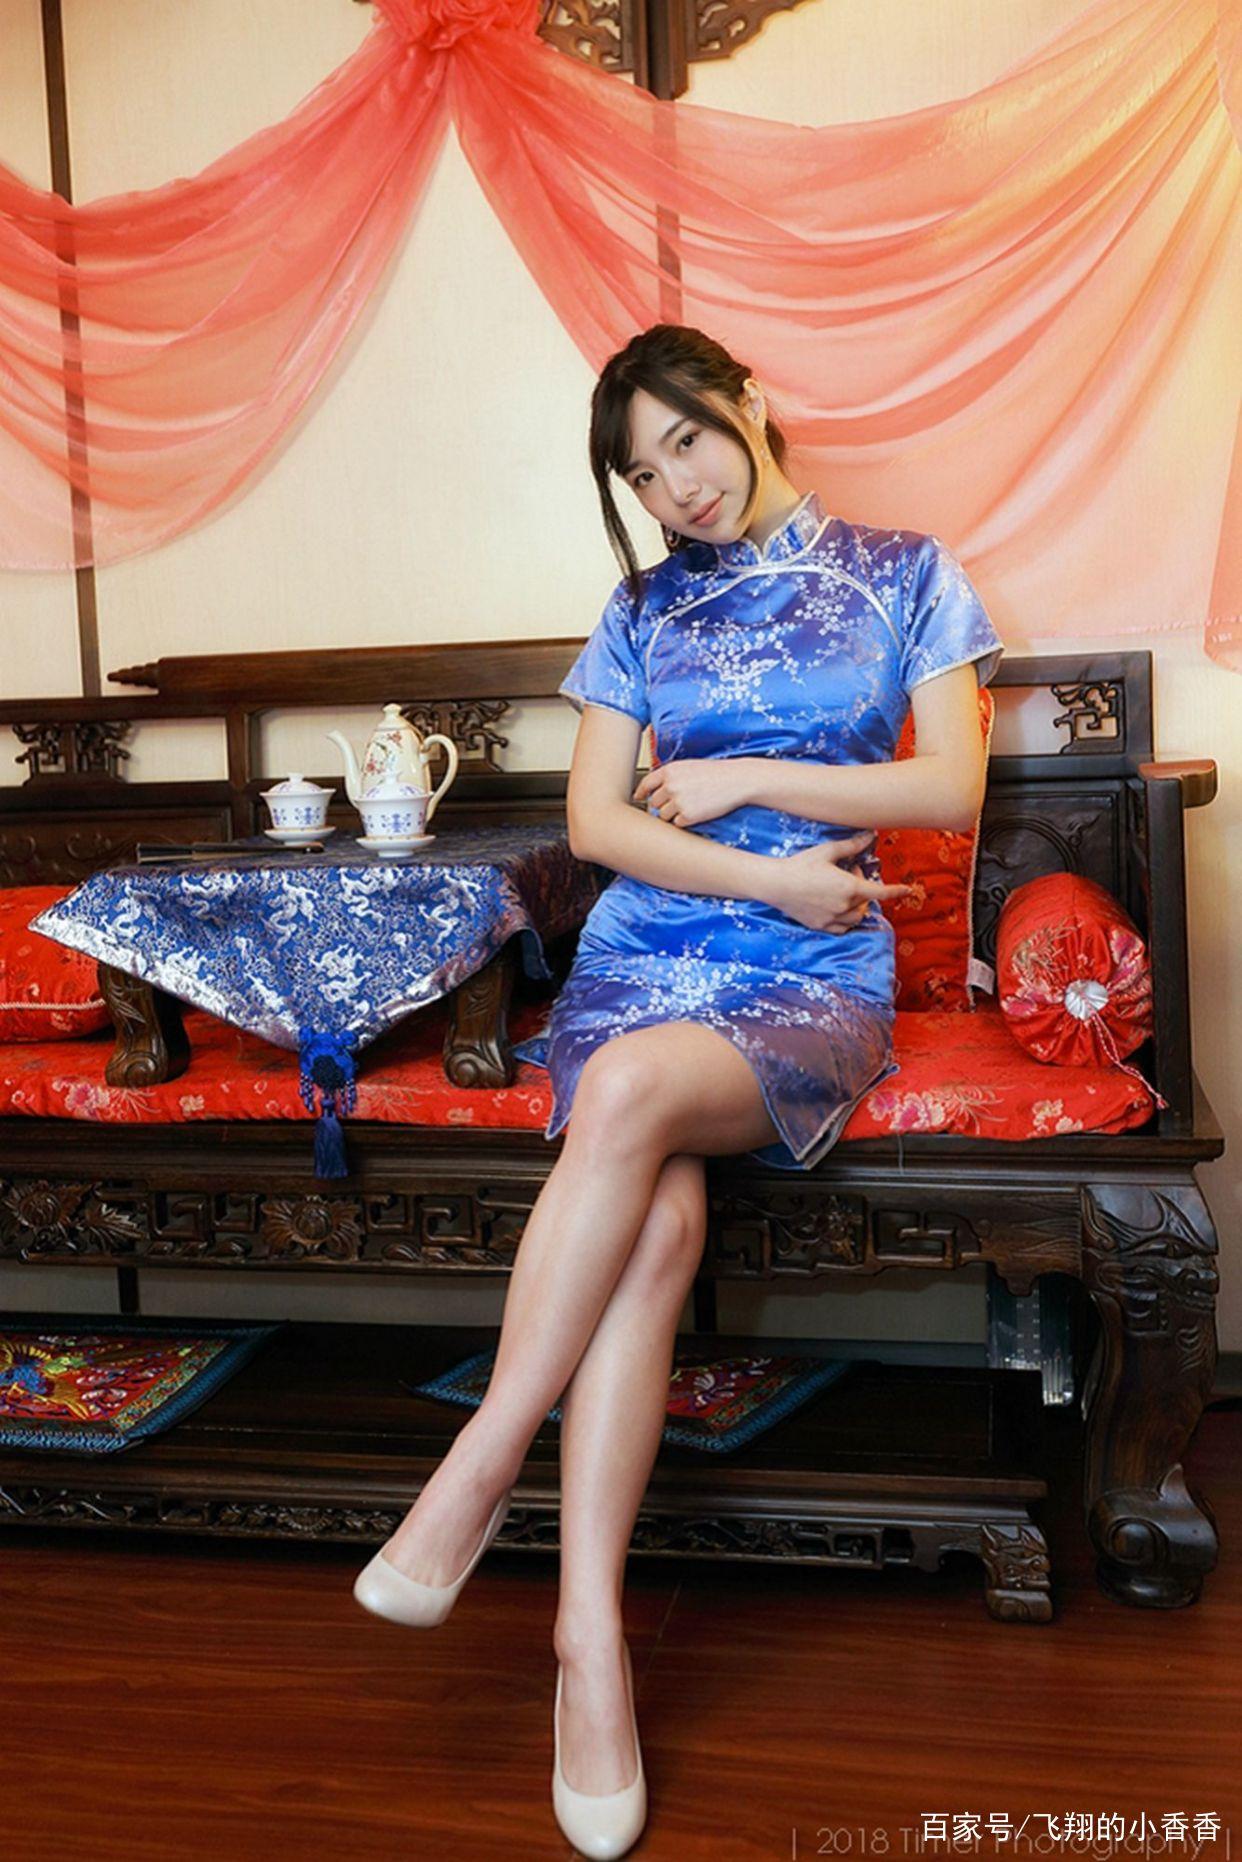 这么美的旗袍美女是来自台湾的漂亮妹妹Zora 是你们喜欢的样子吗